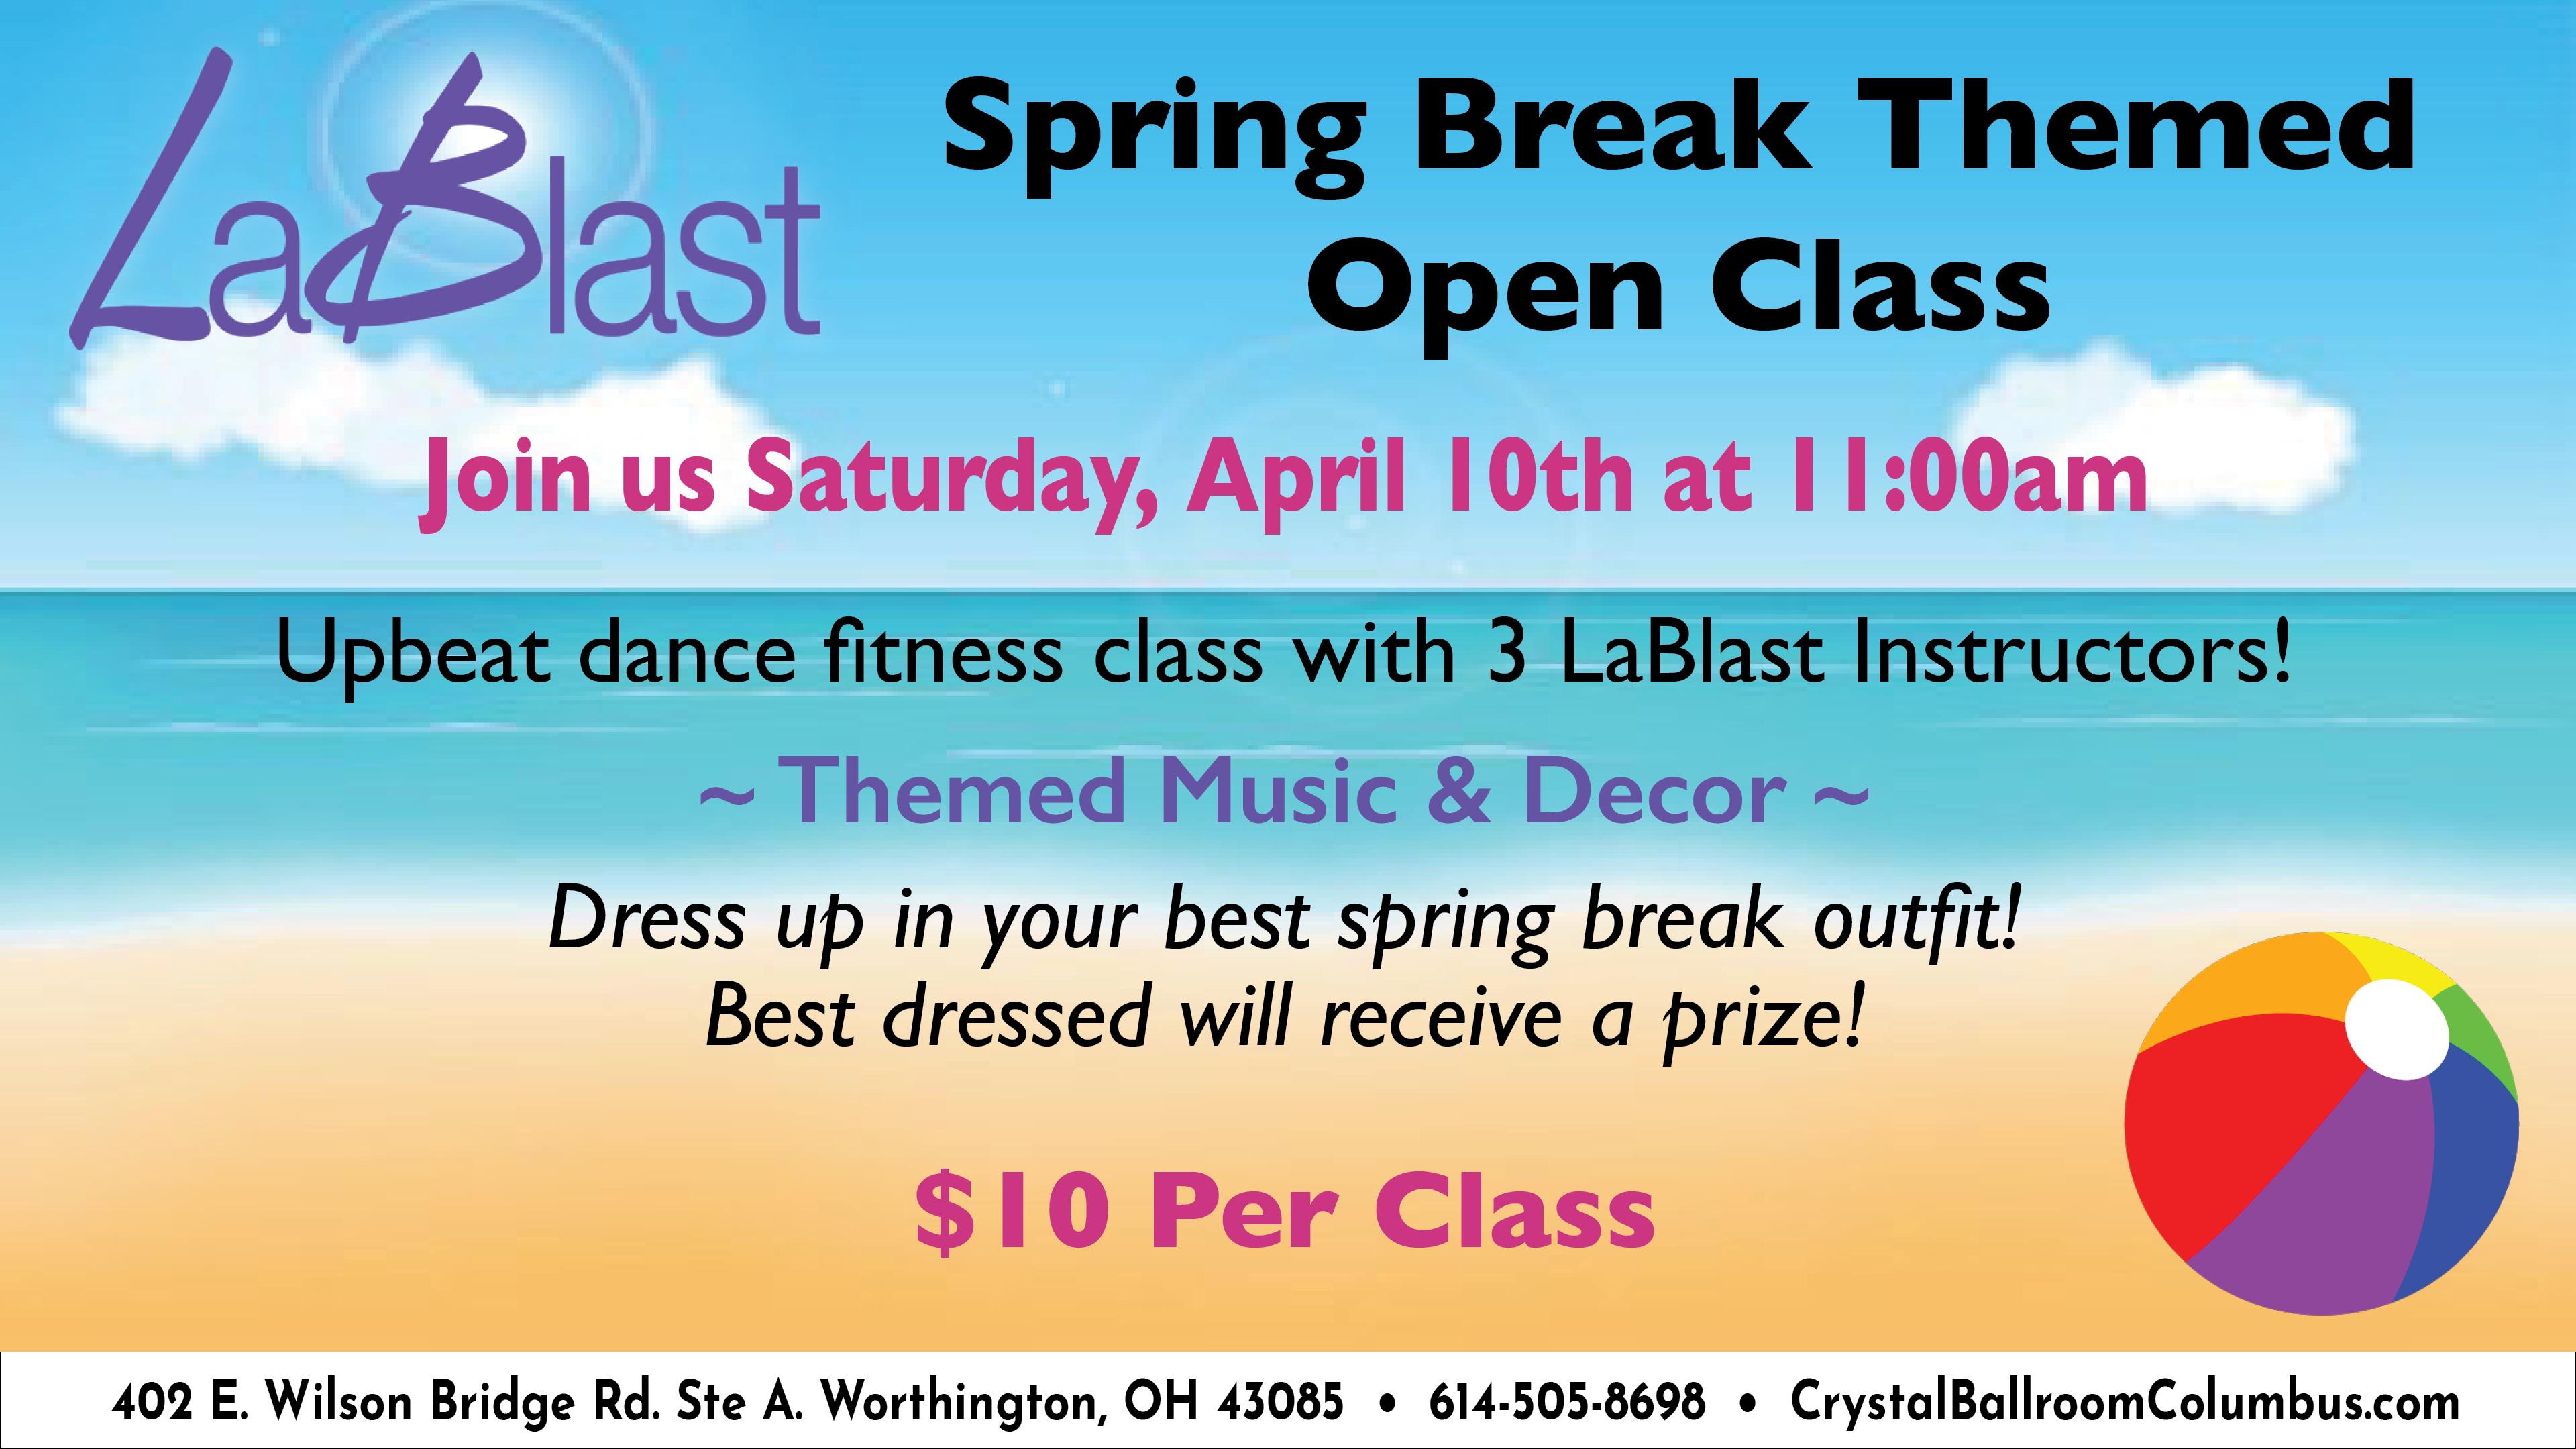 LaBlast Spring Break Themed Open Class